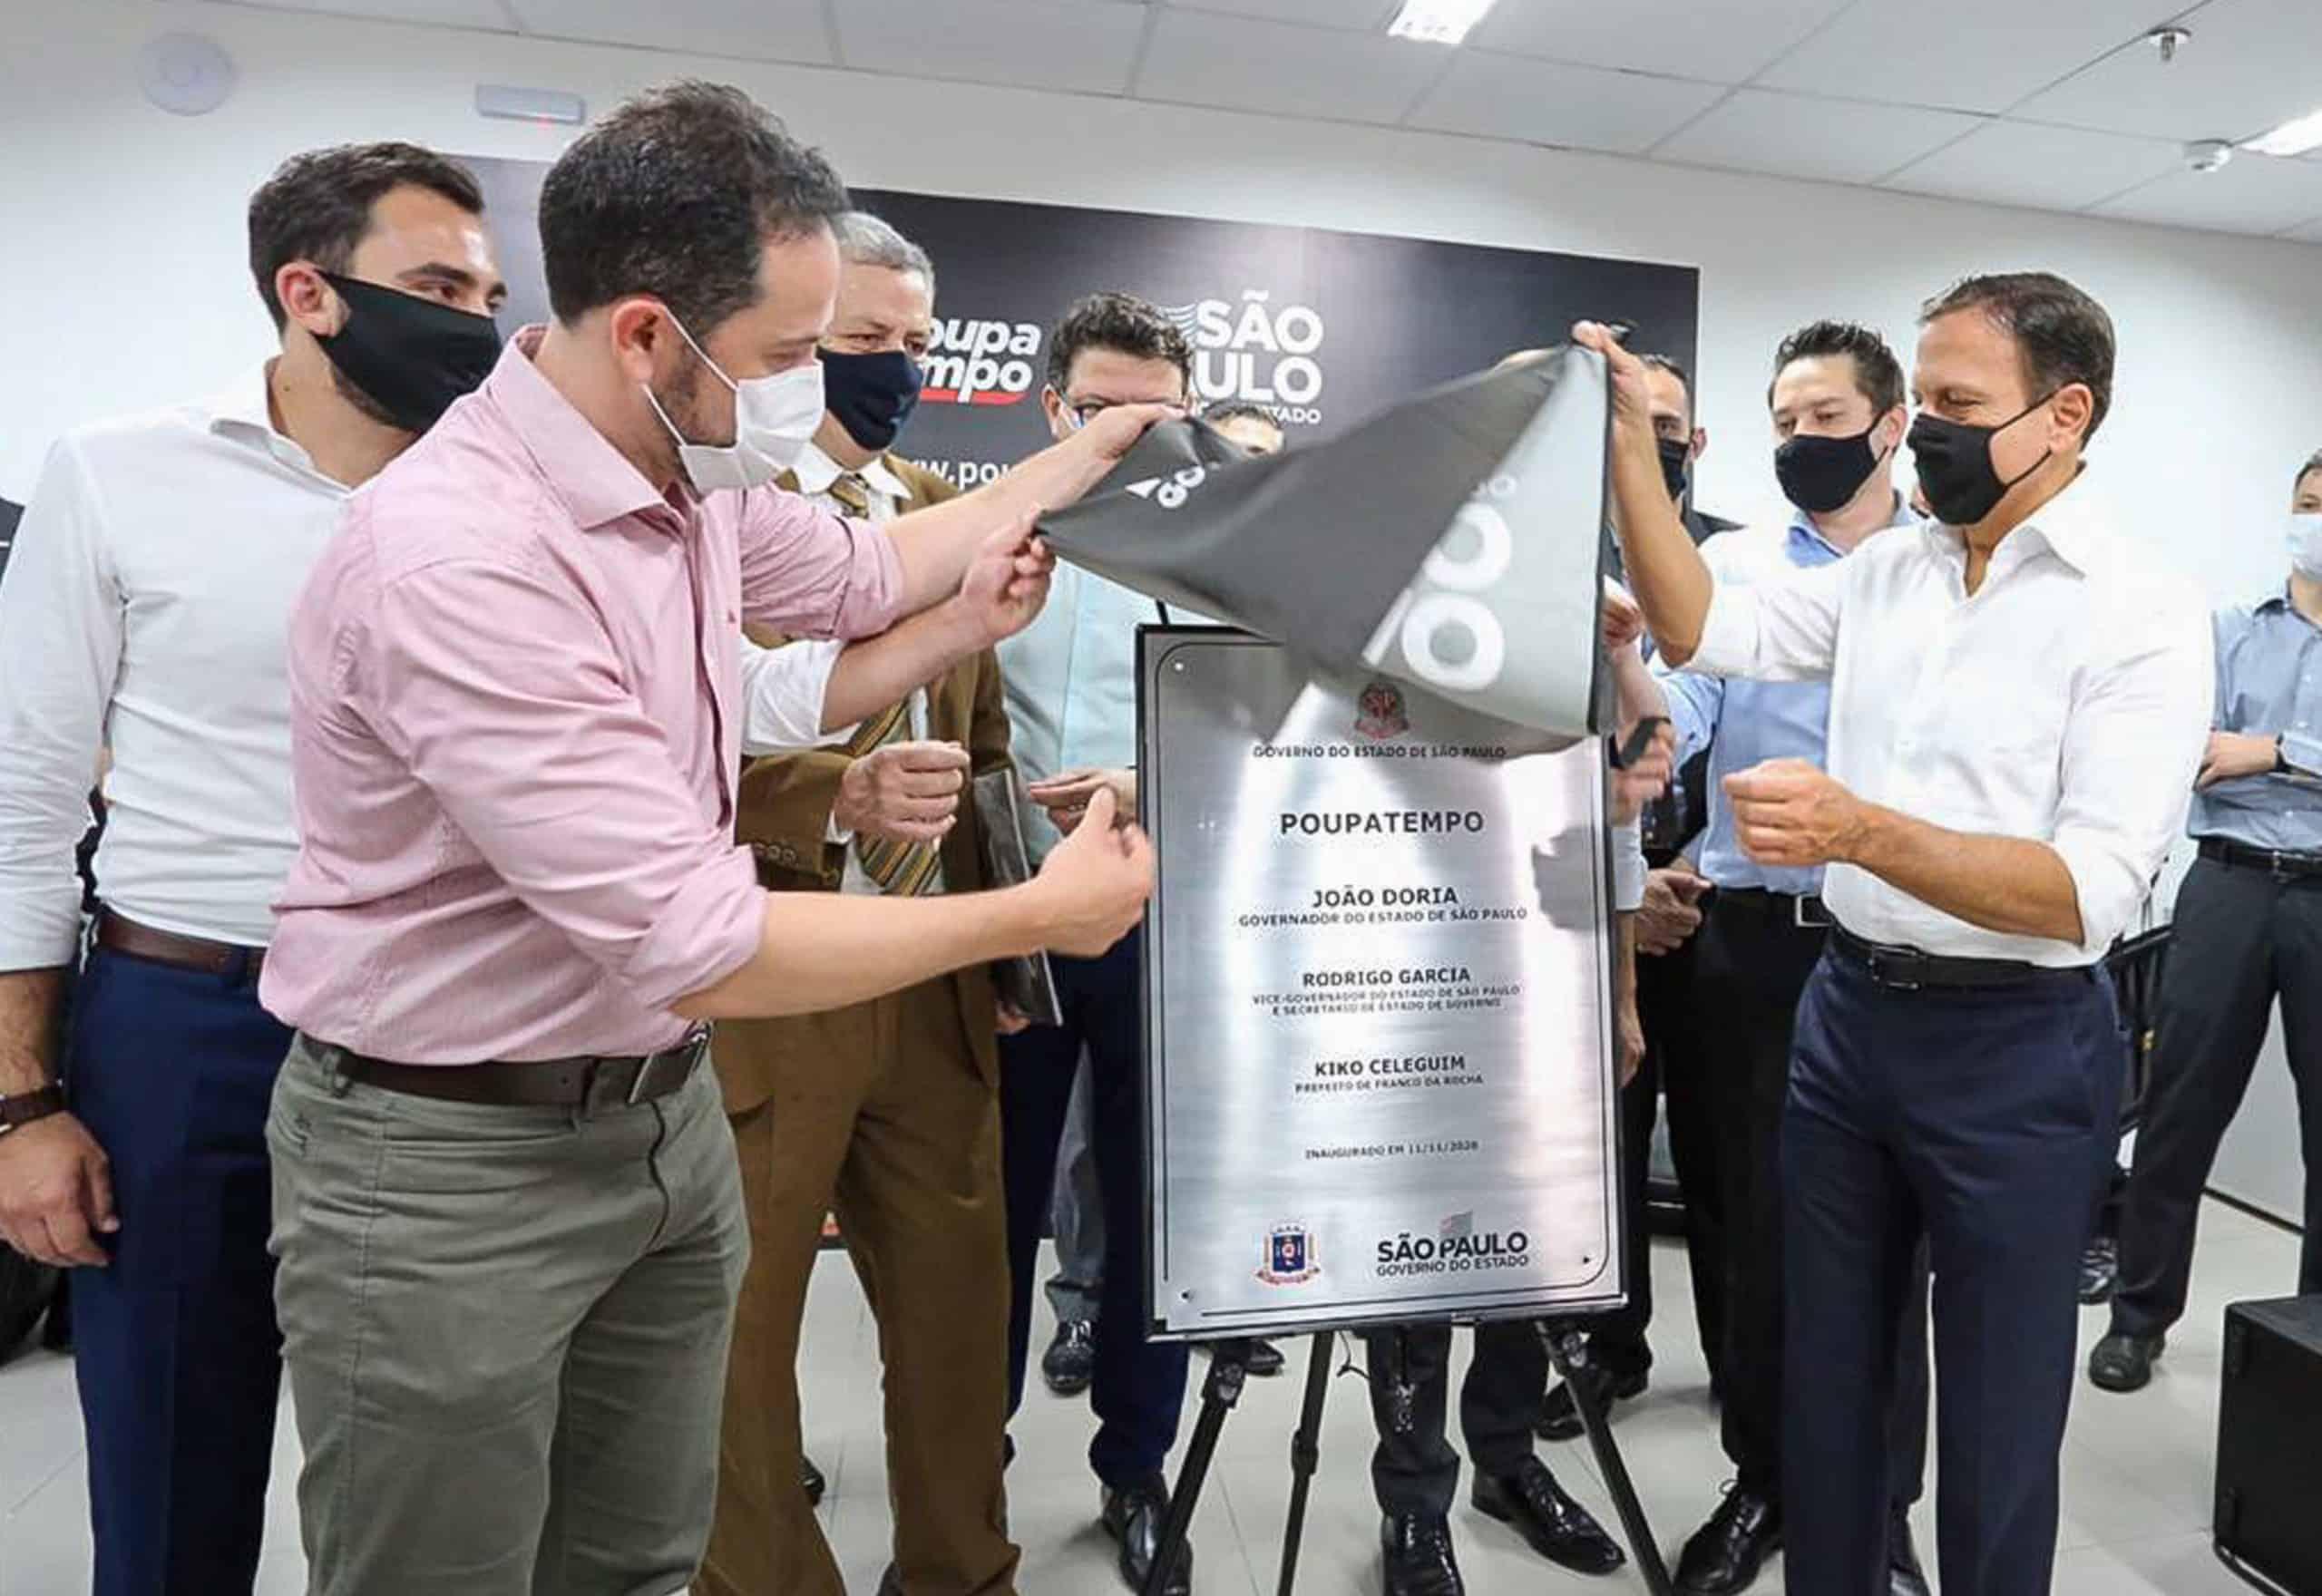 Poupatempo de Franco da Rocha é inaugurado e contará com integração do Detran